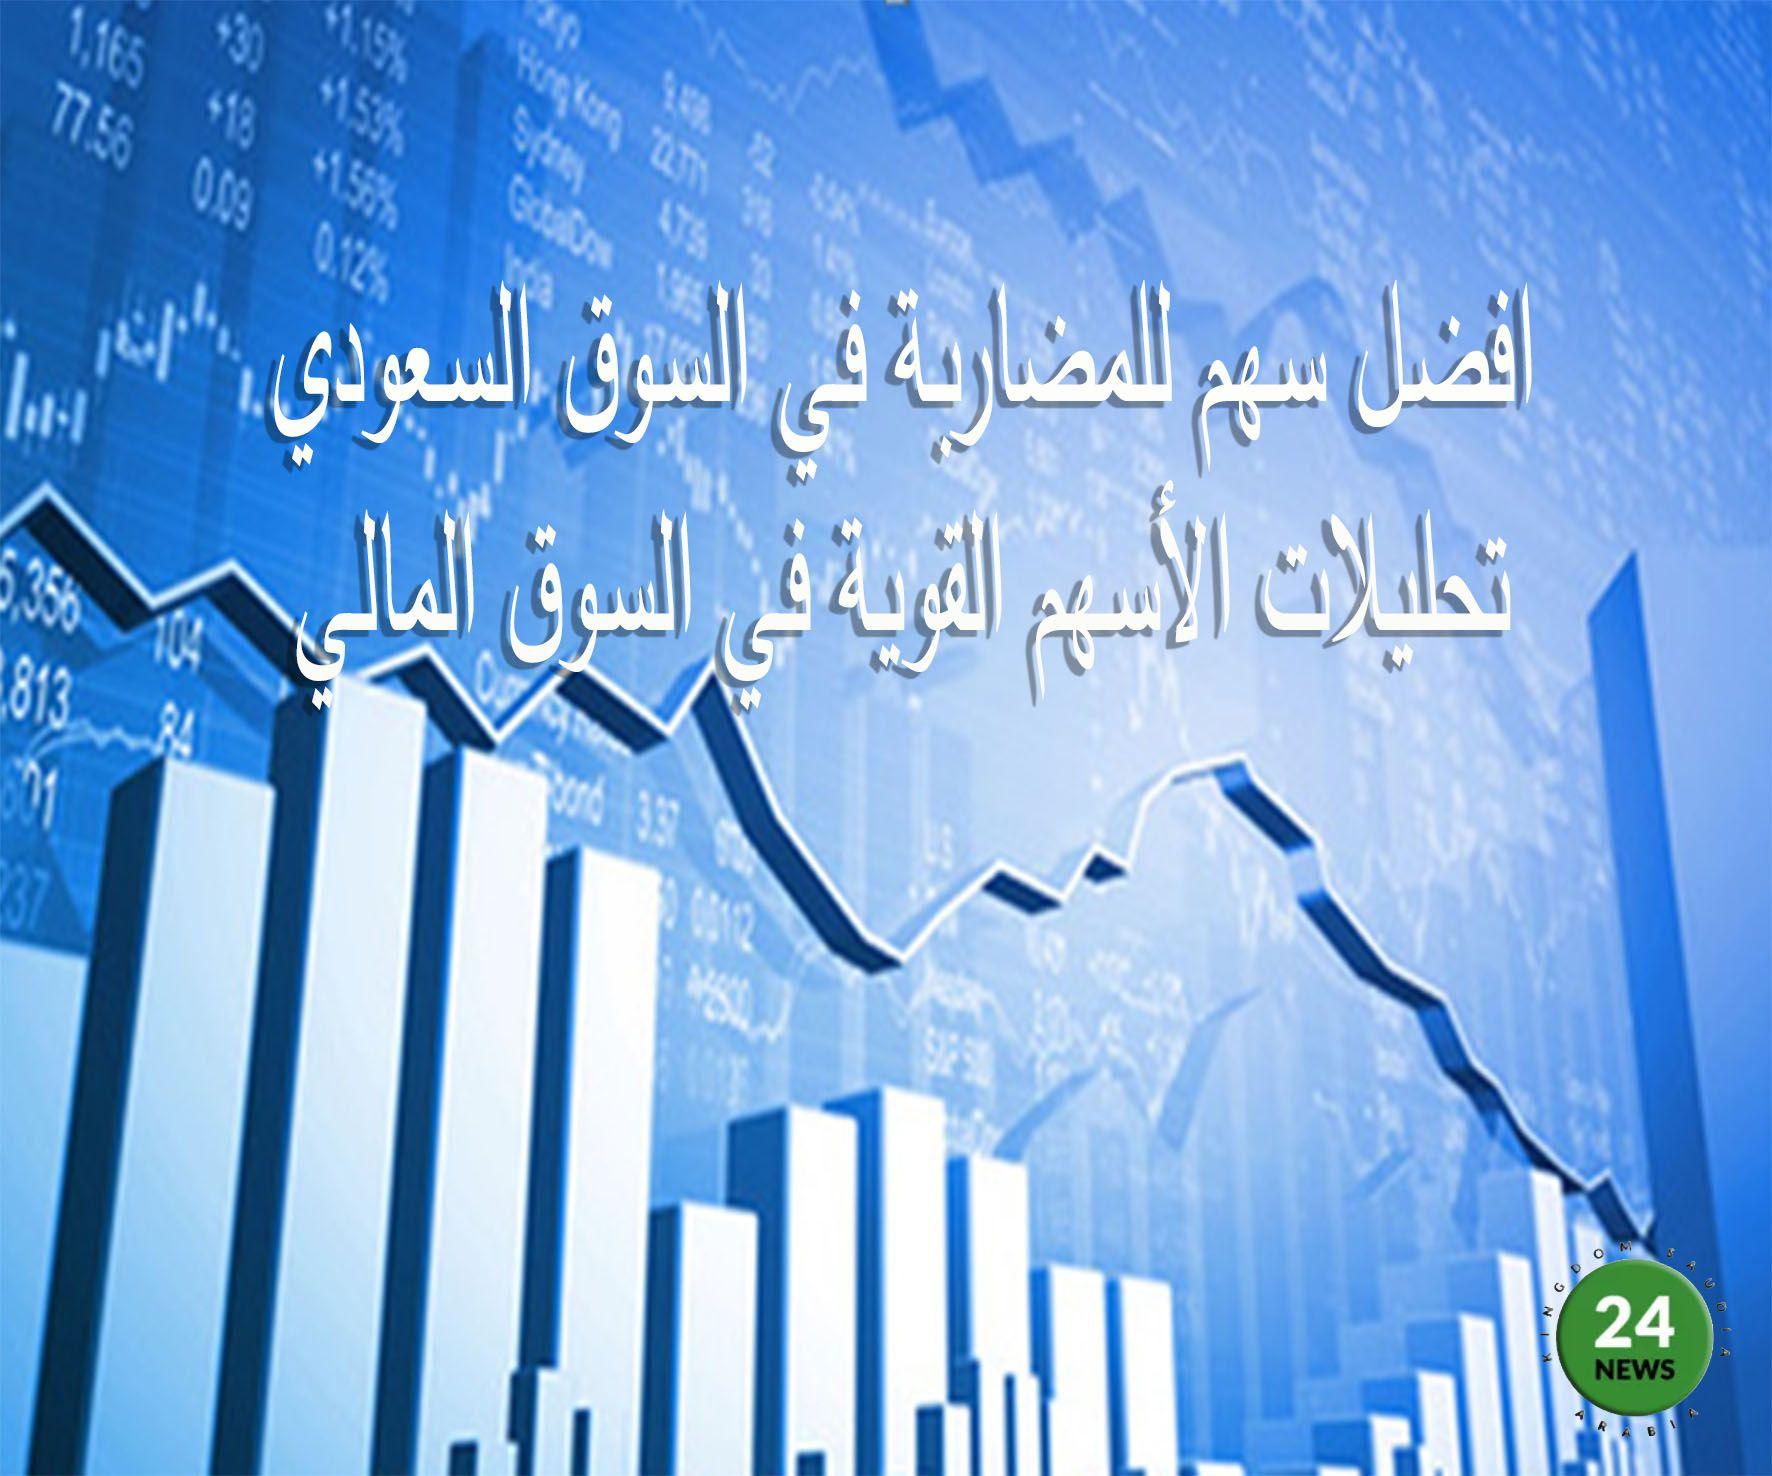 افضل سهم للمضاربة في السوق السعودي تحليلات الأسهم القوية في السوق المالي Neon Signs Ees Neon